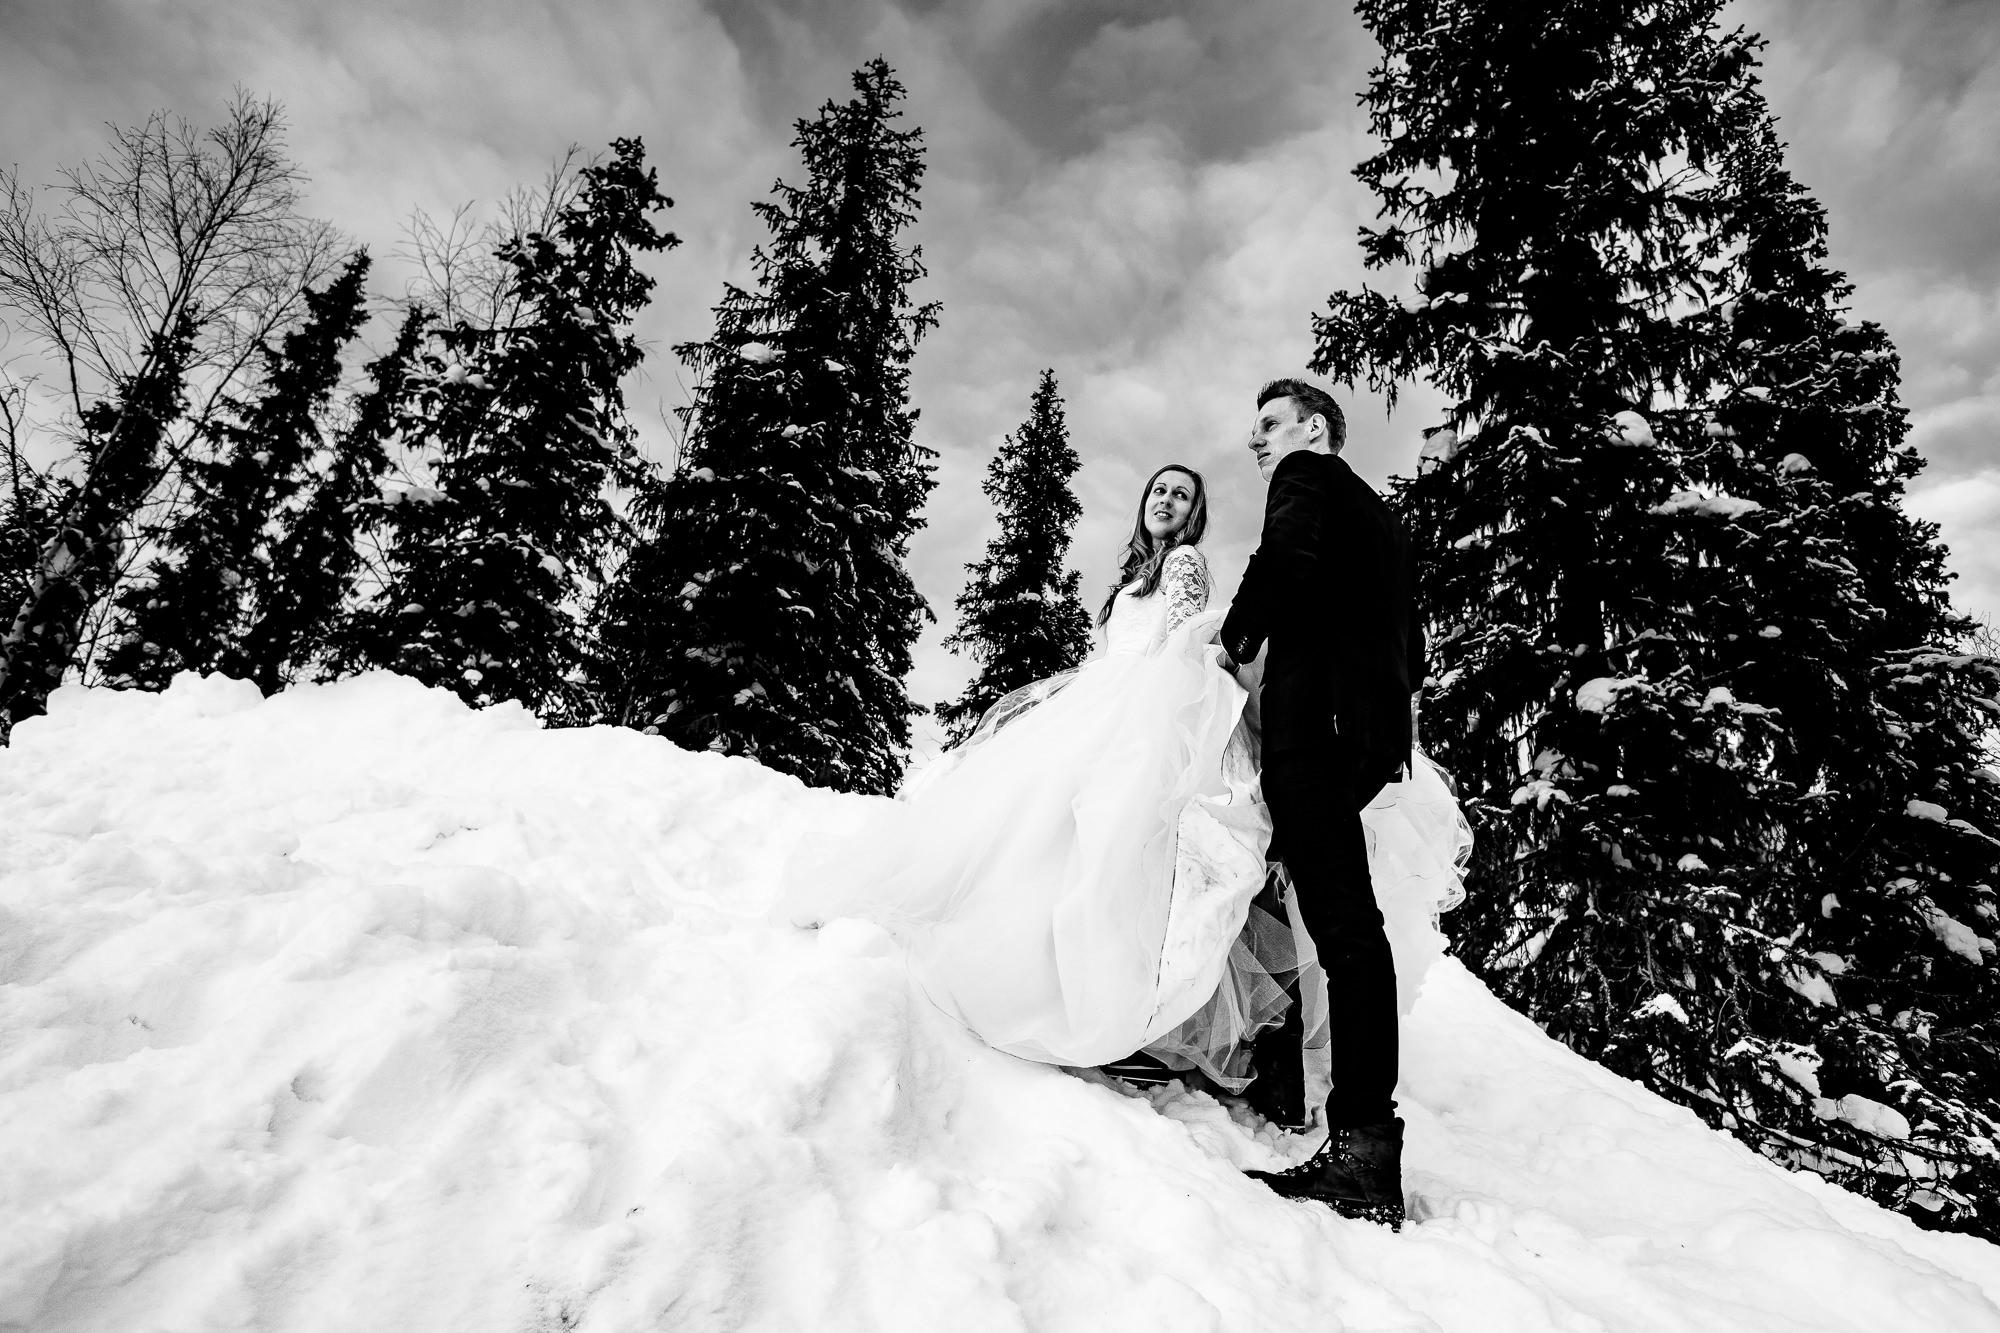 trouwen fotoshoot sneeuw lapland